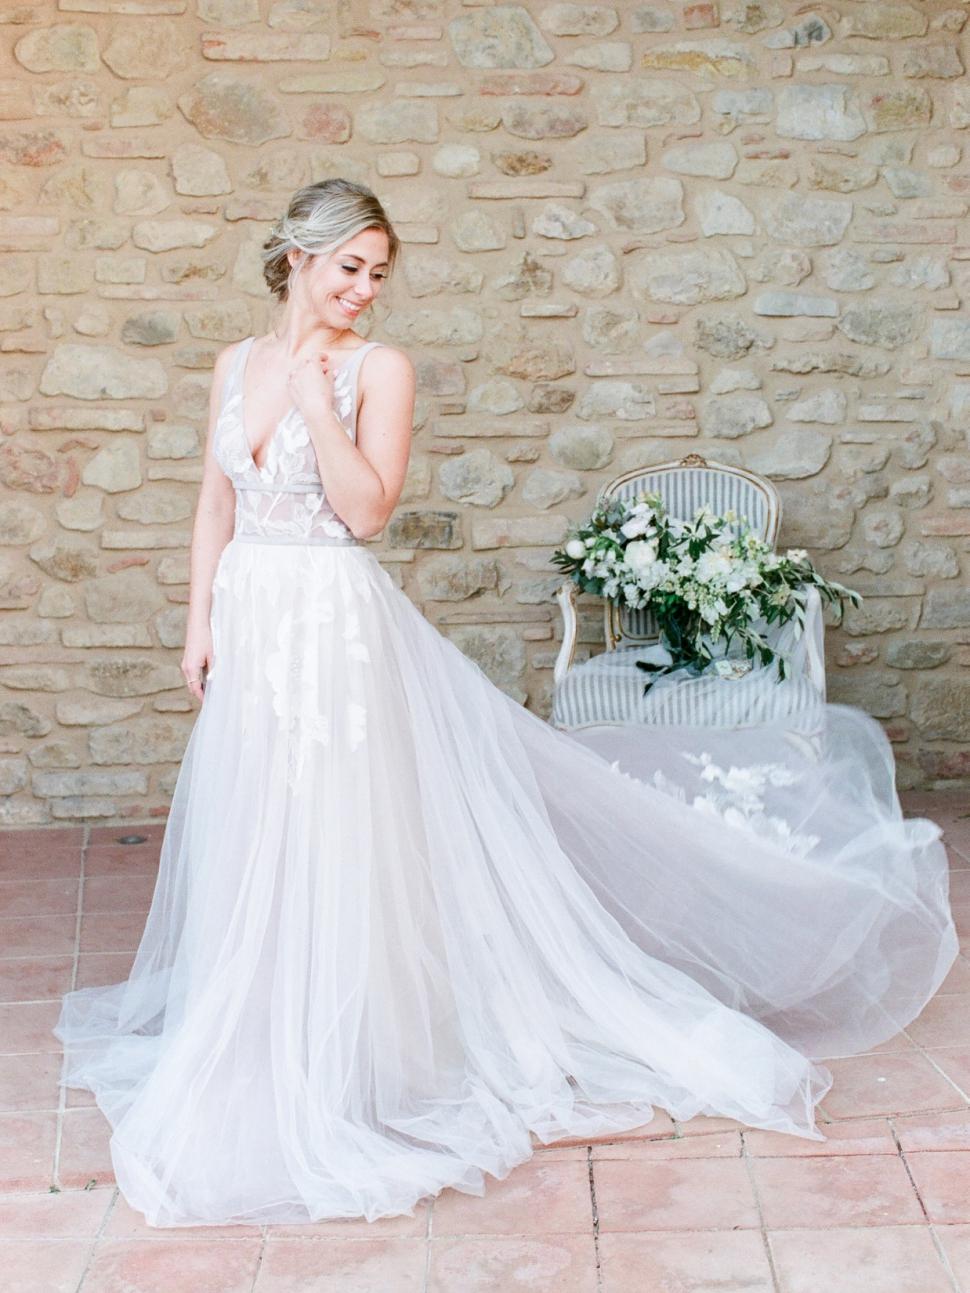 Tuscany-Destination-Wedding-Photographer-Cassi-Claire-Borgo-Petrognano-Florence-Wedding-08.jpg